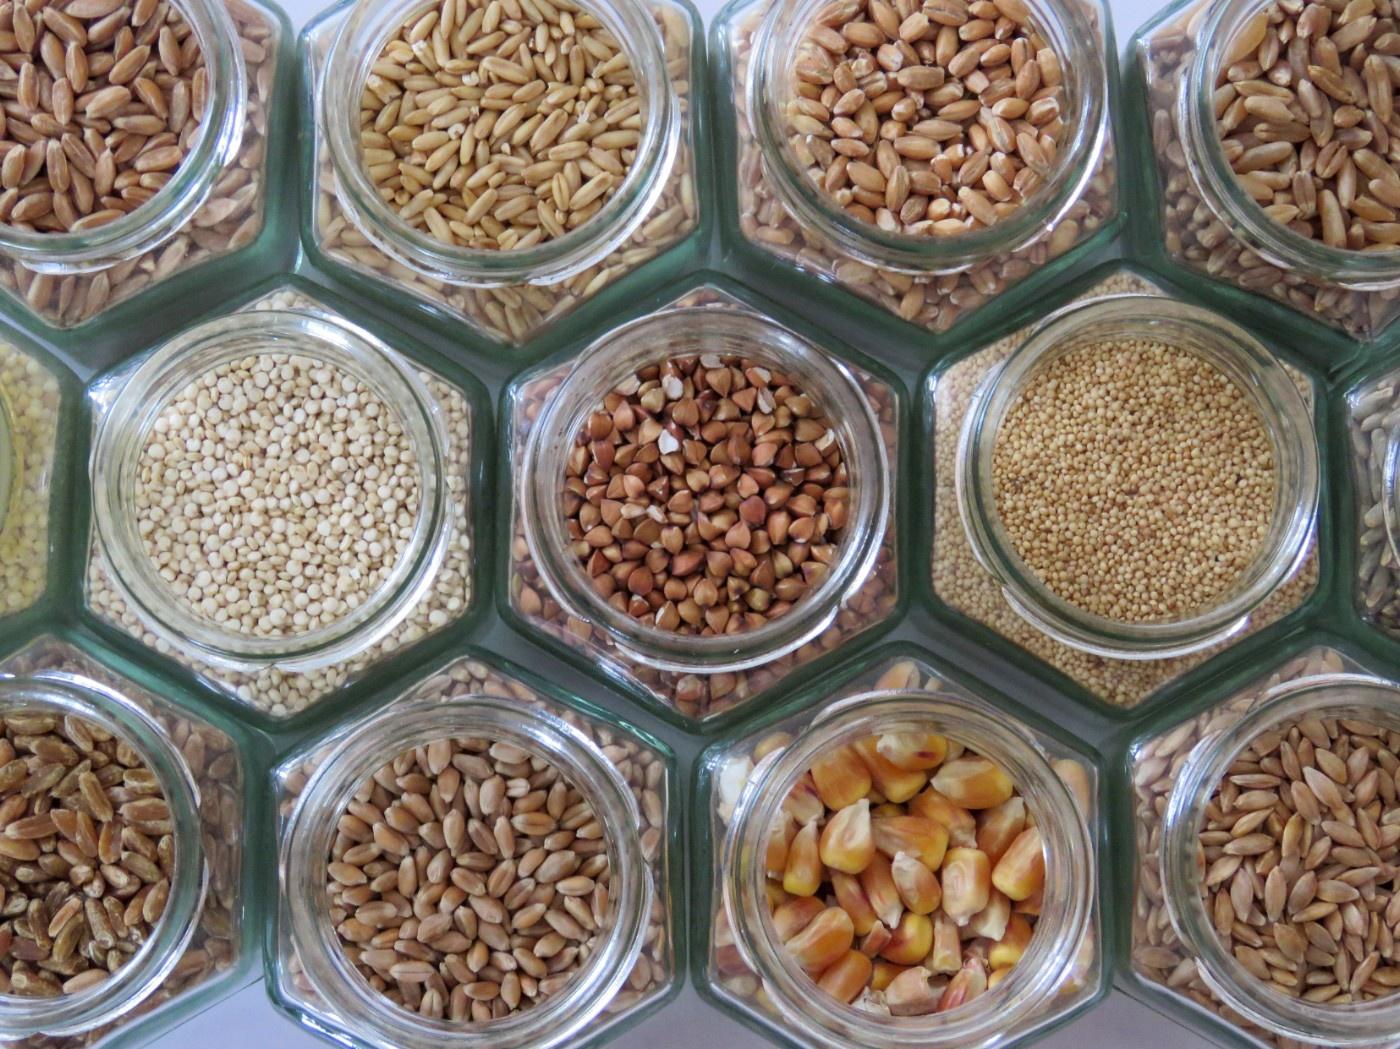 Verschiedene Getreidesorten in sechseckigen Gläsern